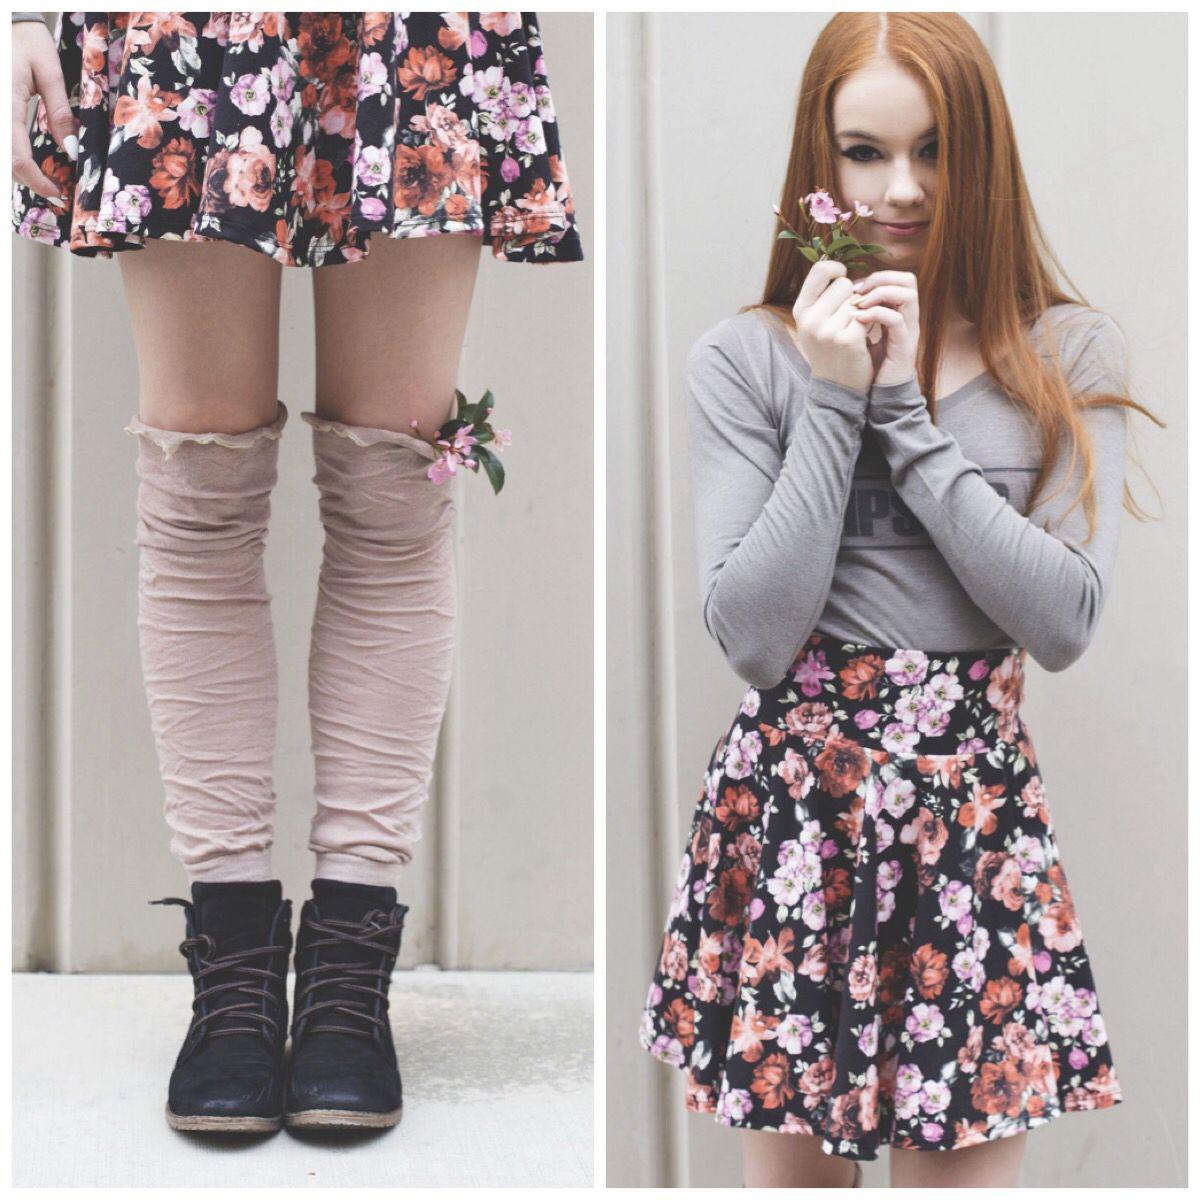 Trendy Teen Clothing Photo Album - Reikian